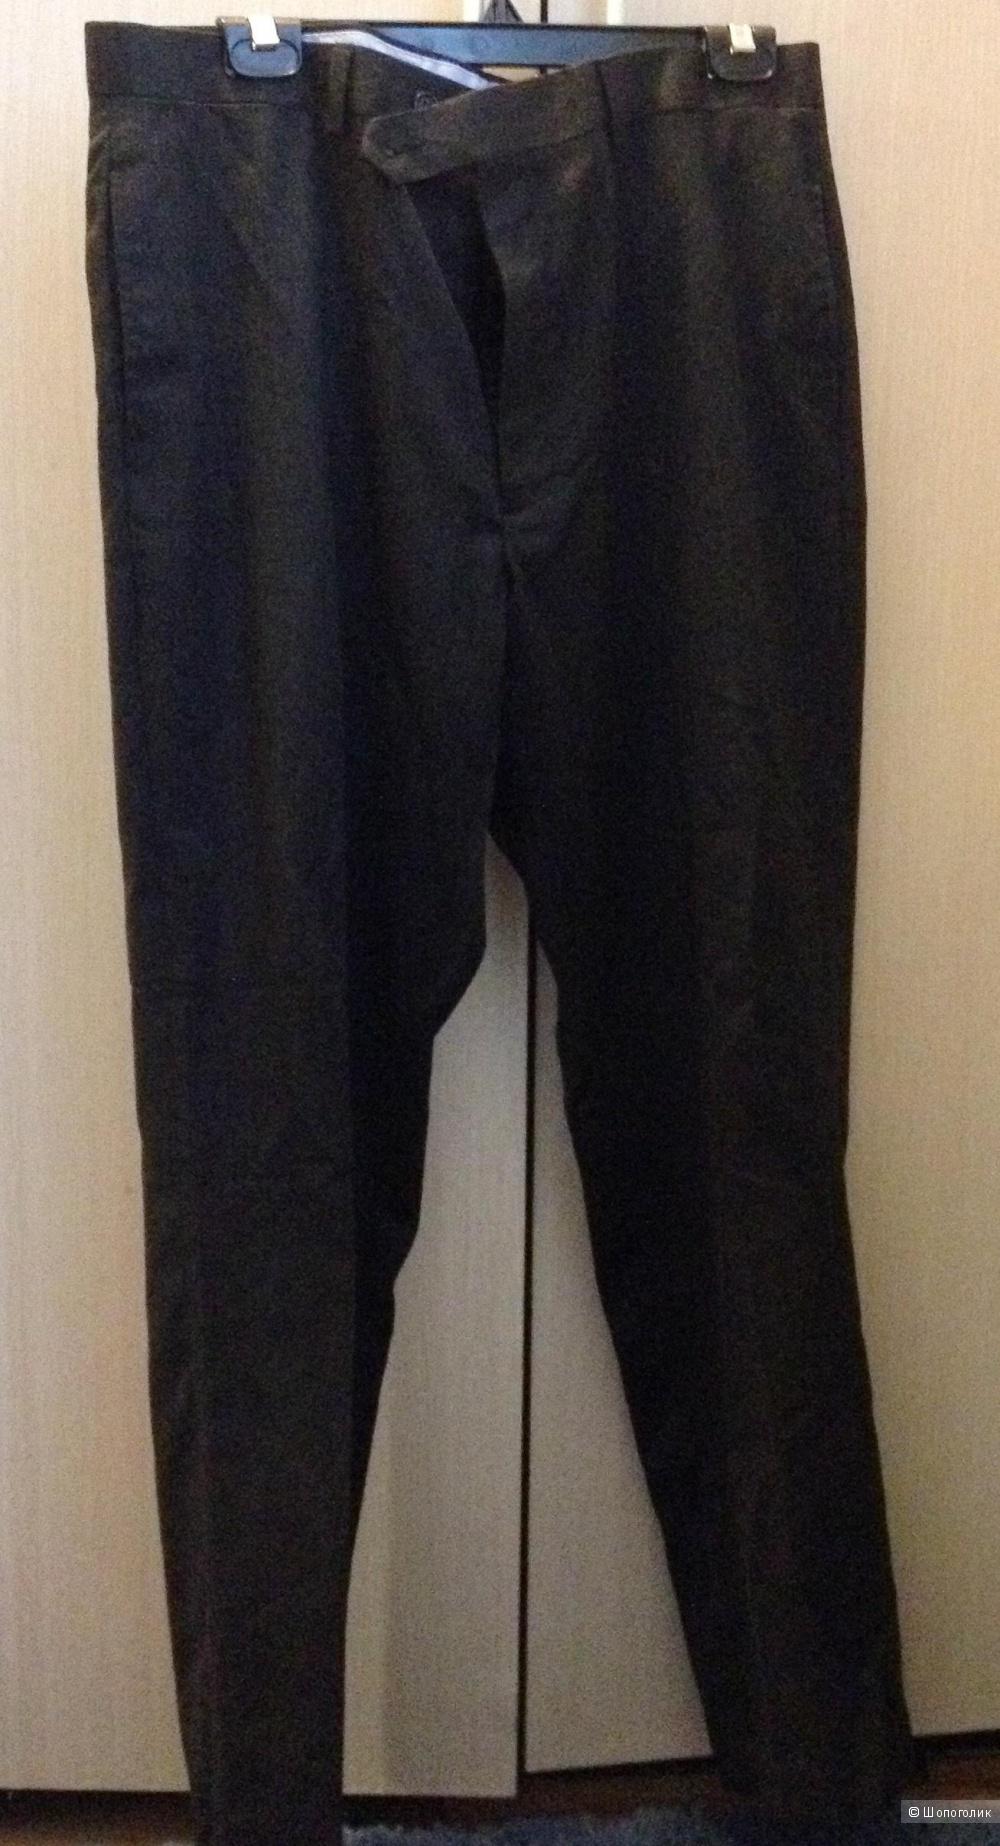 Мужские брюки Tommy Hilfiger размер W 36 L 32